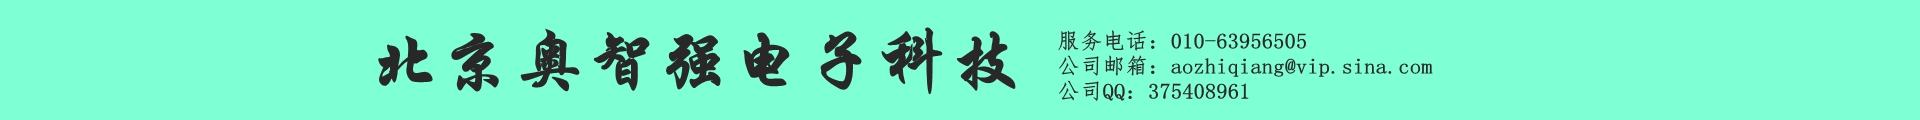 北京奧智強電子科技有限公司